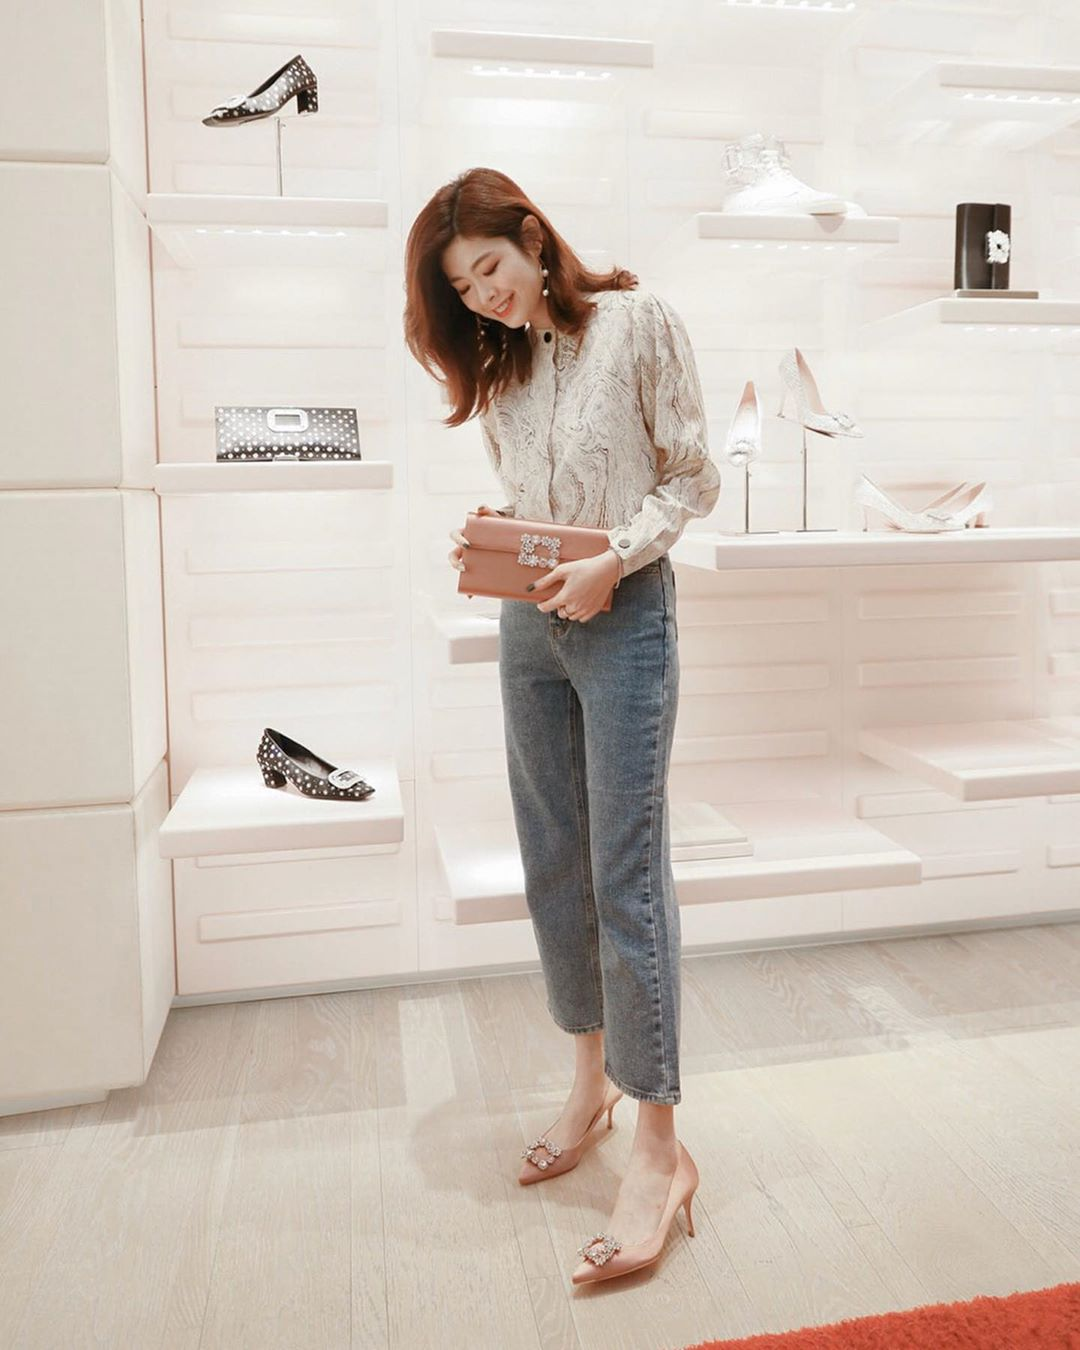 """Ngắm bộ ảnh xuất thần của """"tiểu tam"""" Thế Giới Hôn Nhân, sành mốt đến mấy thì nàng công sở cũng phải công nhận combo blouse +  jeans luôn là tuyệt nhất - Ảnh 5."""